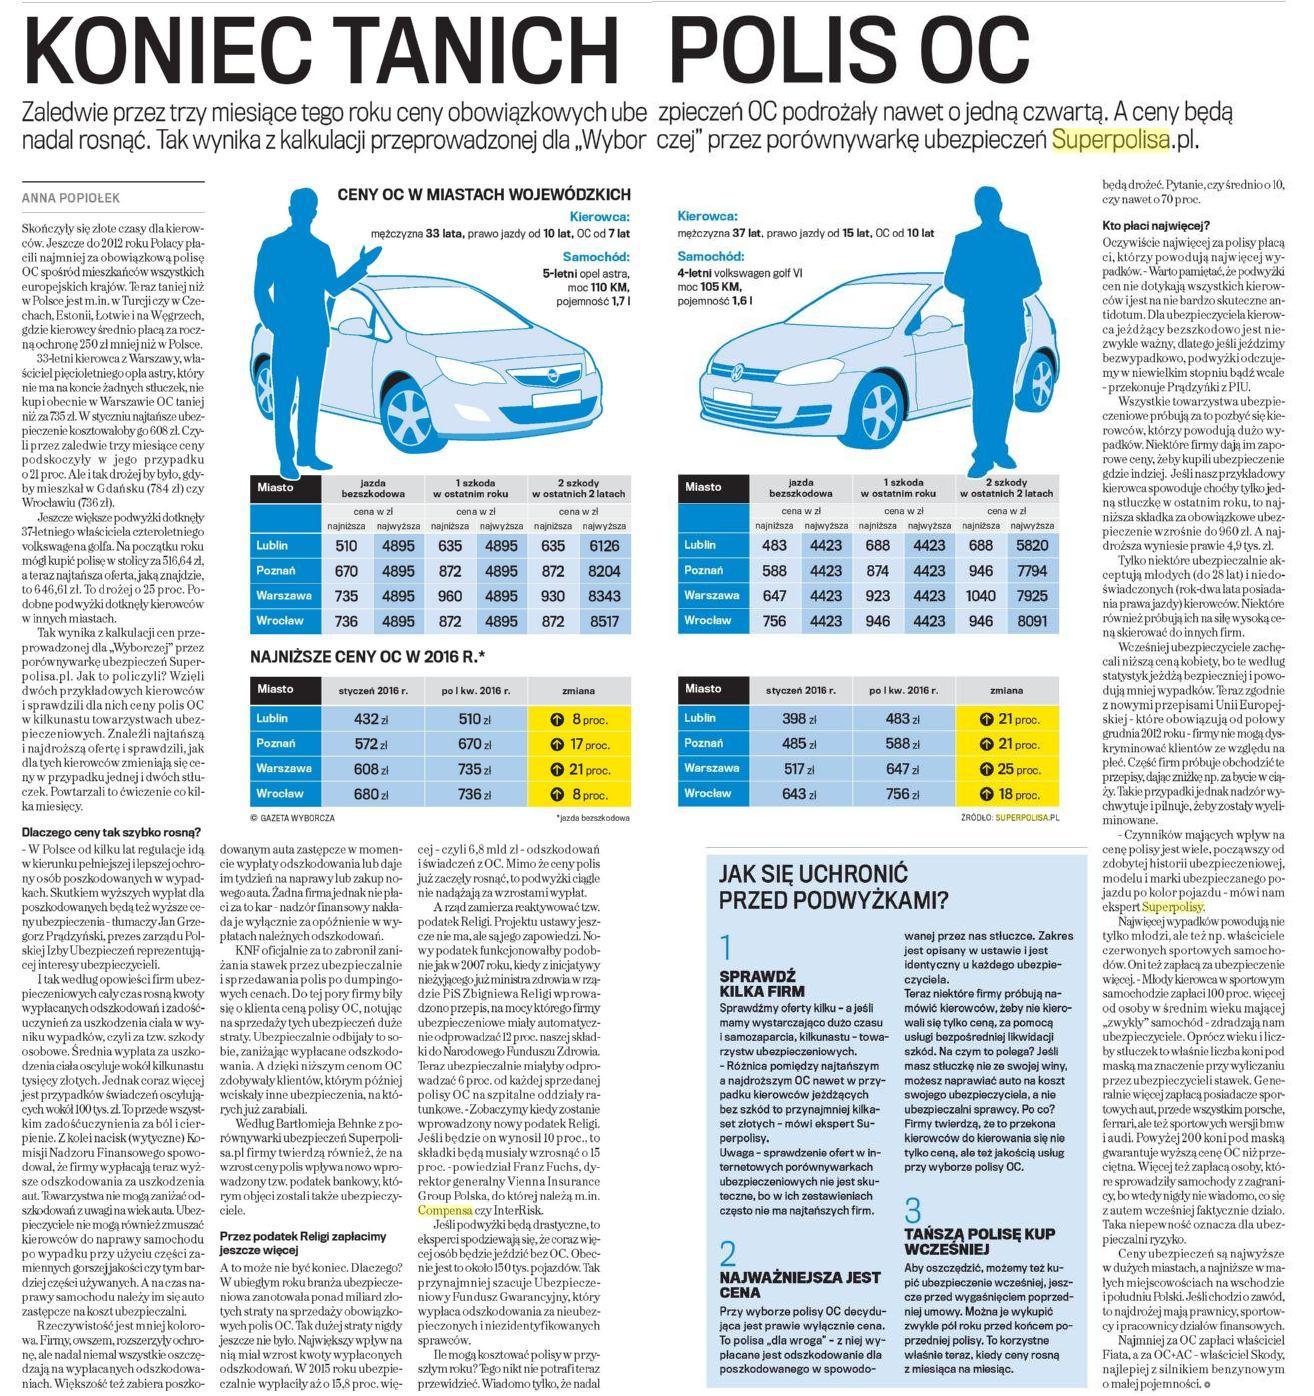 Koniec tanich polis OC – Gazeta Wyborcza